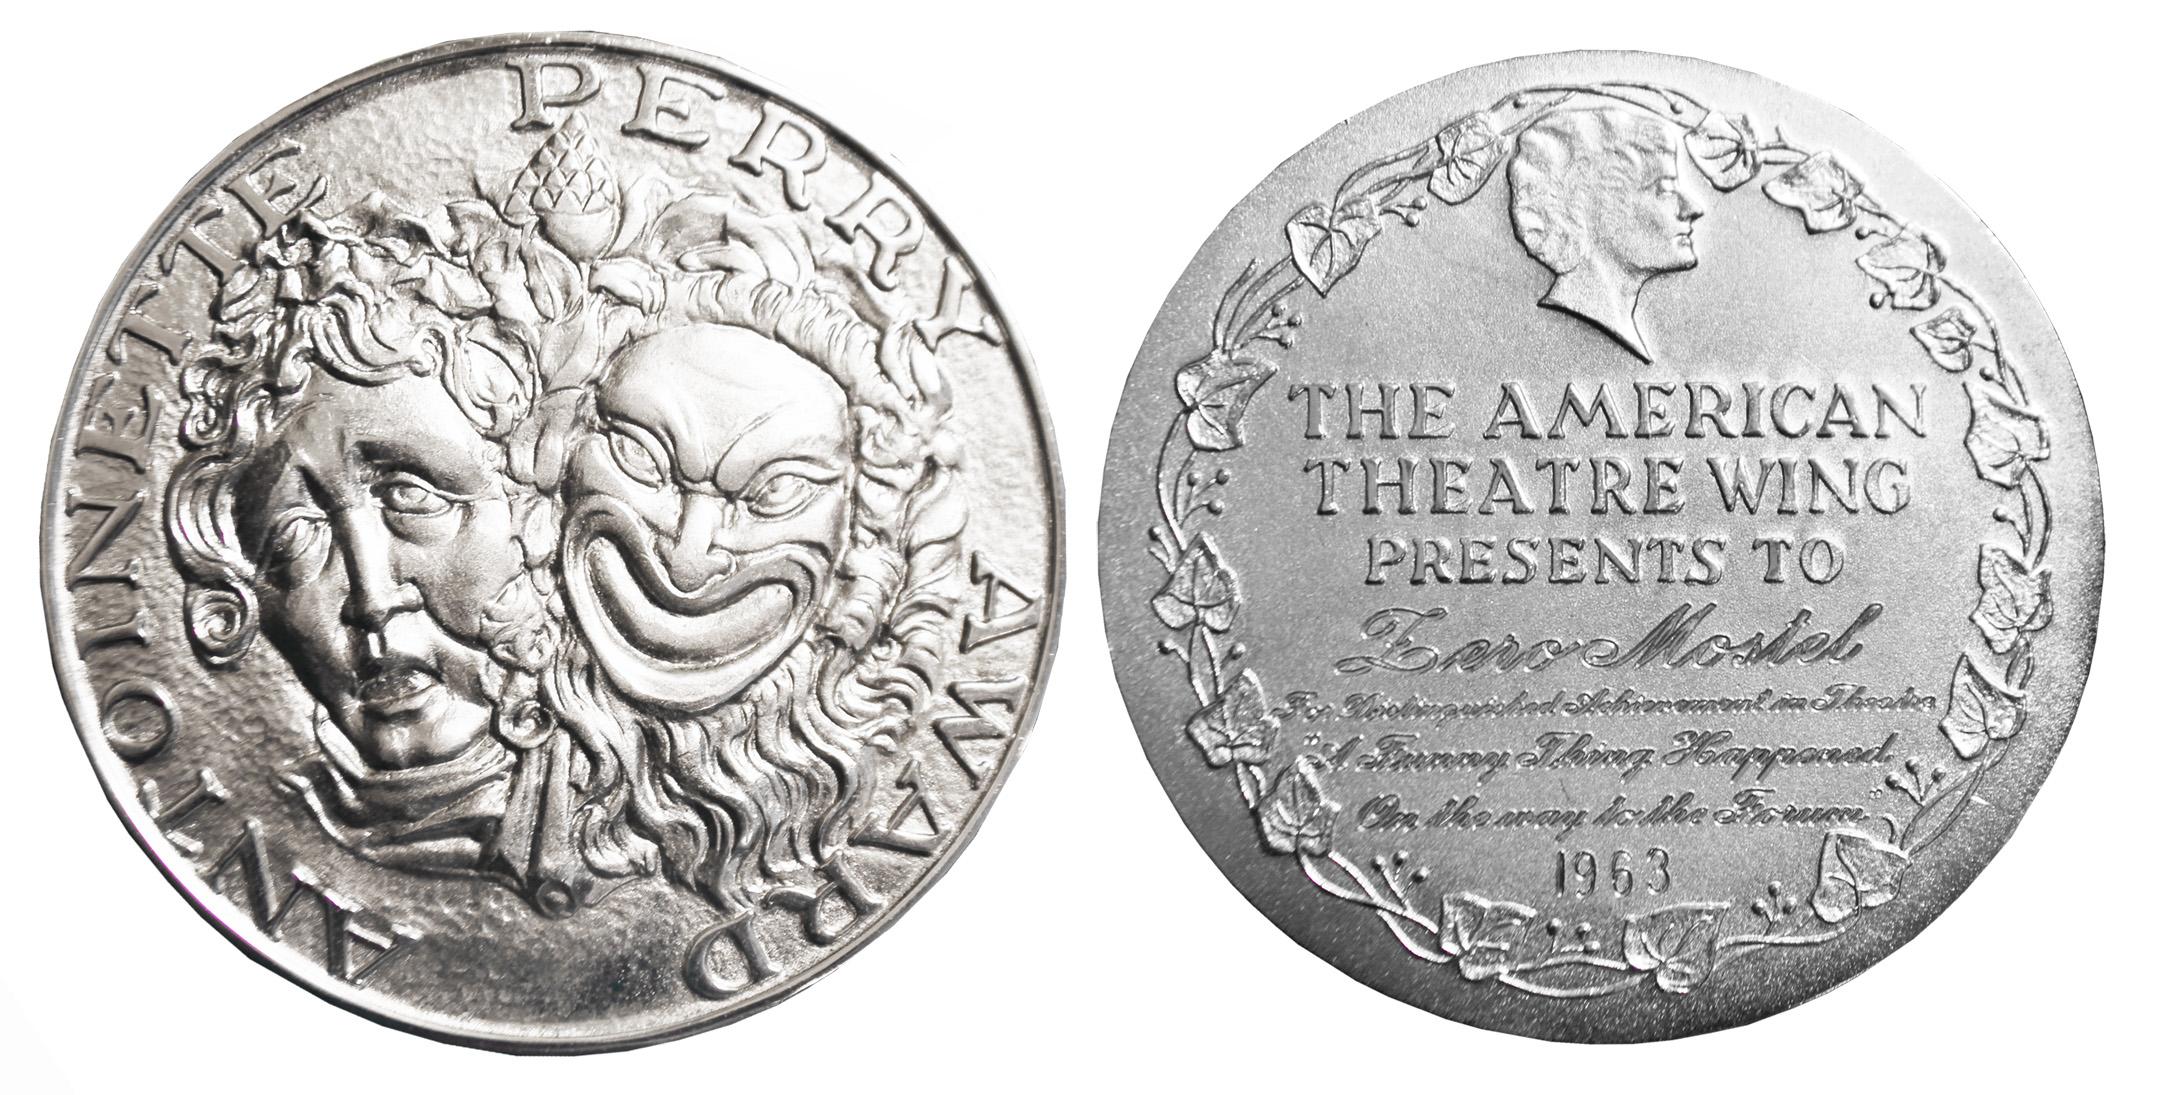 Tony Award For Sale Movie Memorabilia Theater Memorablia